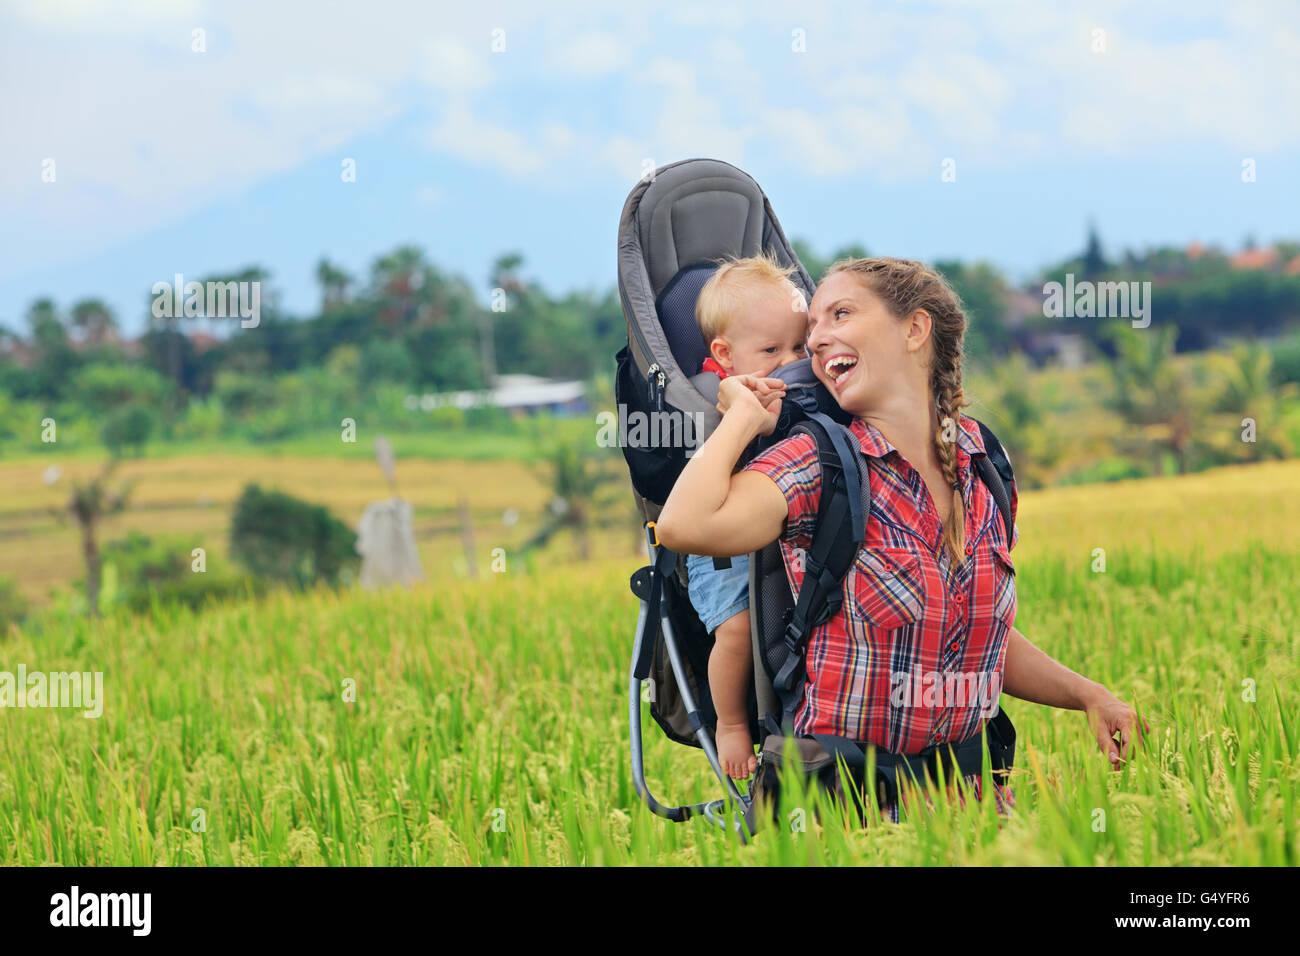 Promenade dans le riz vert terrasse terrain. Heureux mère peu voyageur en exerçant son sac à dos. Photo Stock